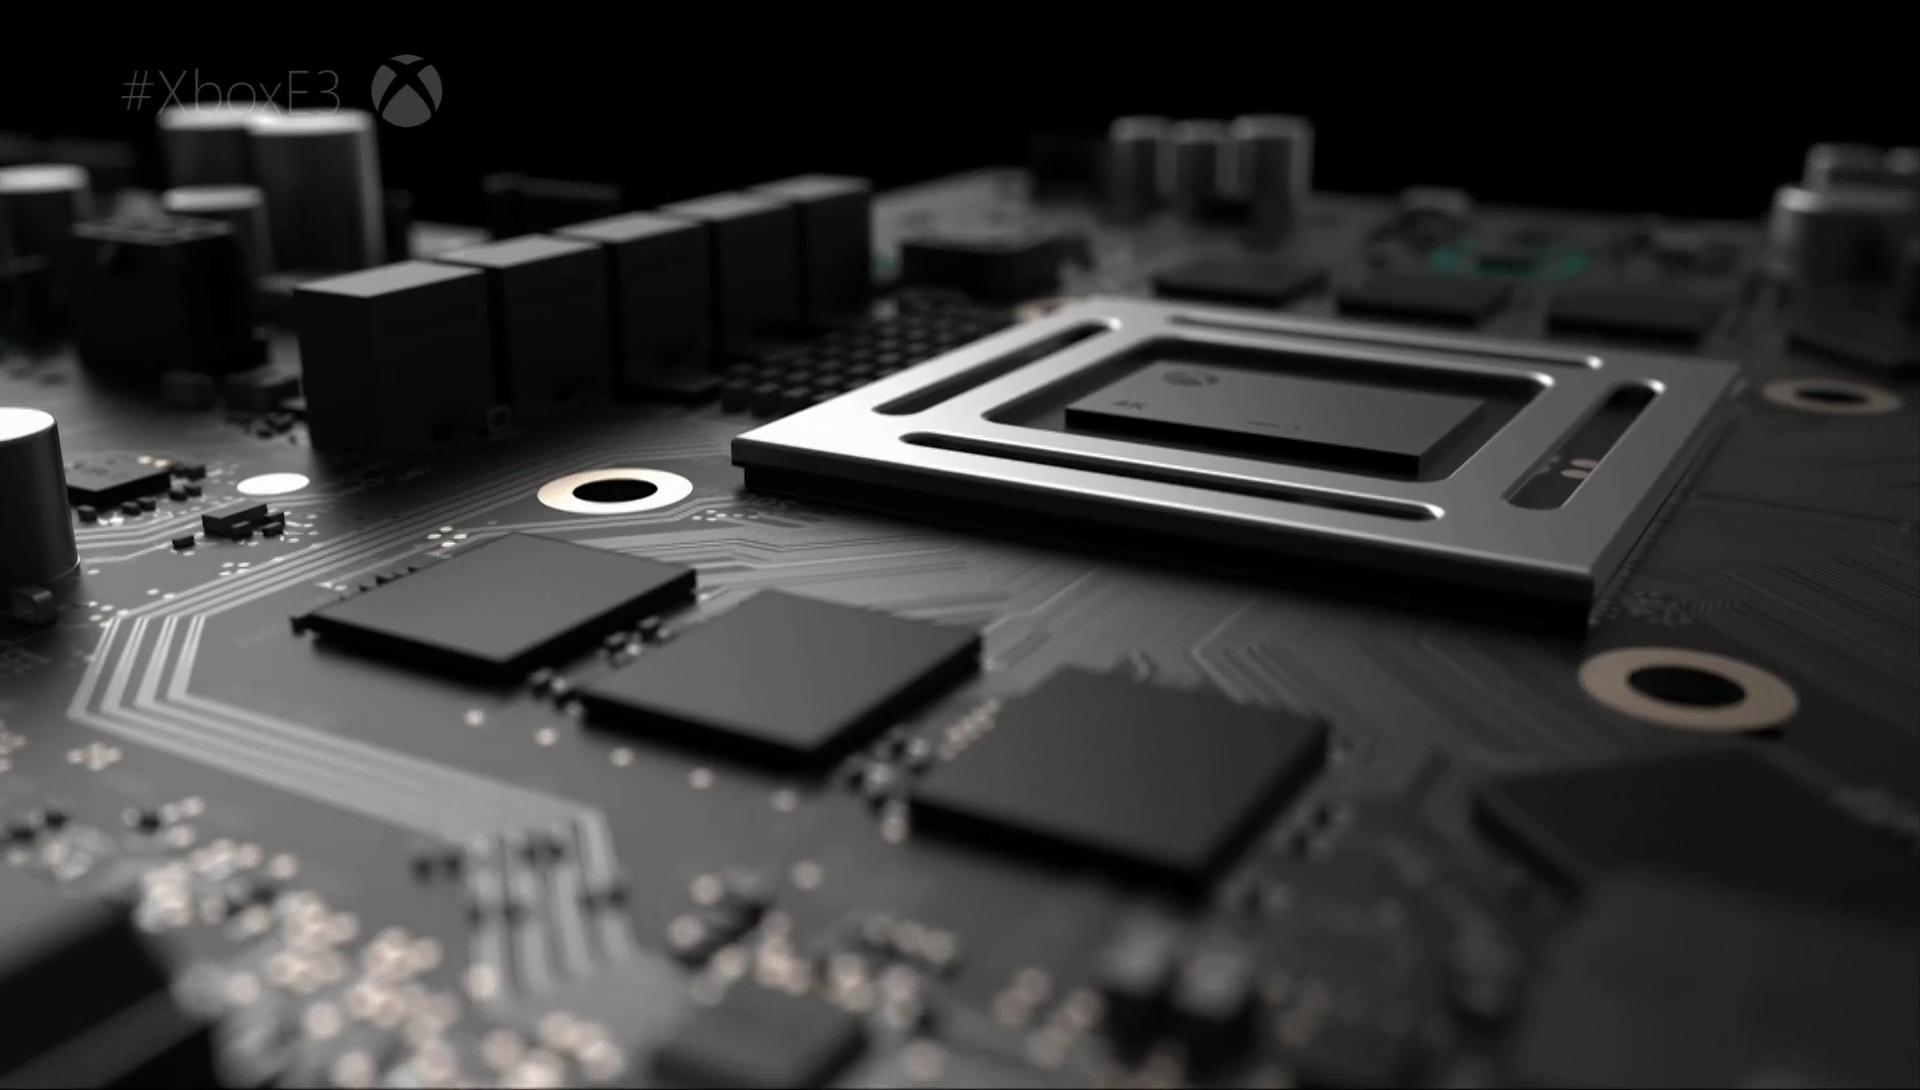 Microsoft: Xbox Scorpio's power advantage over PS4 Pro 'will be obvious'